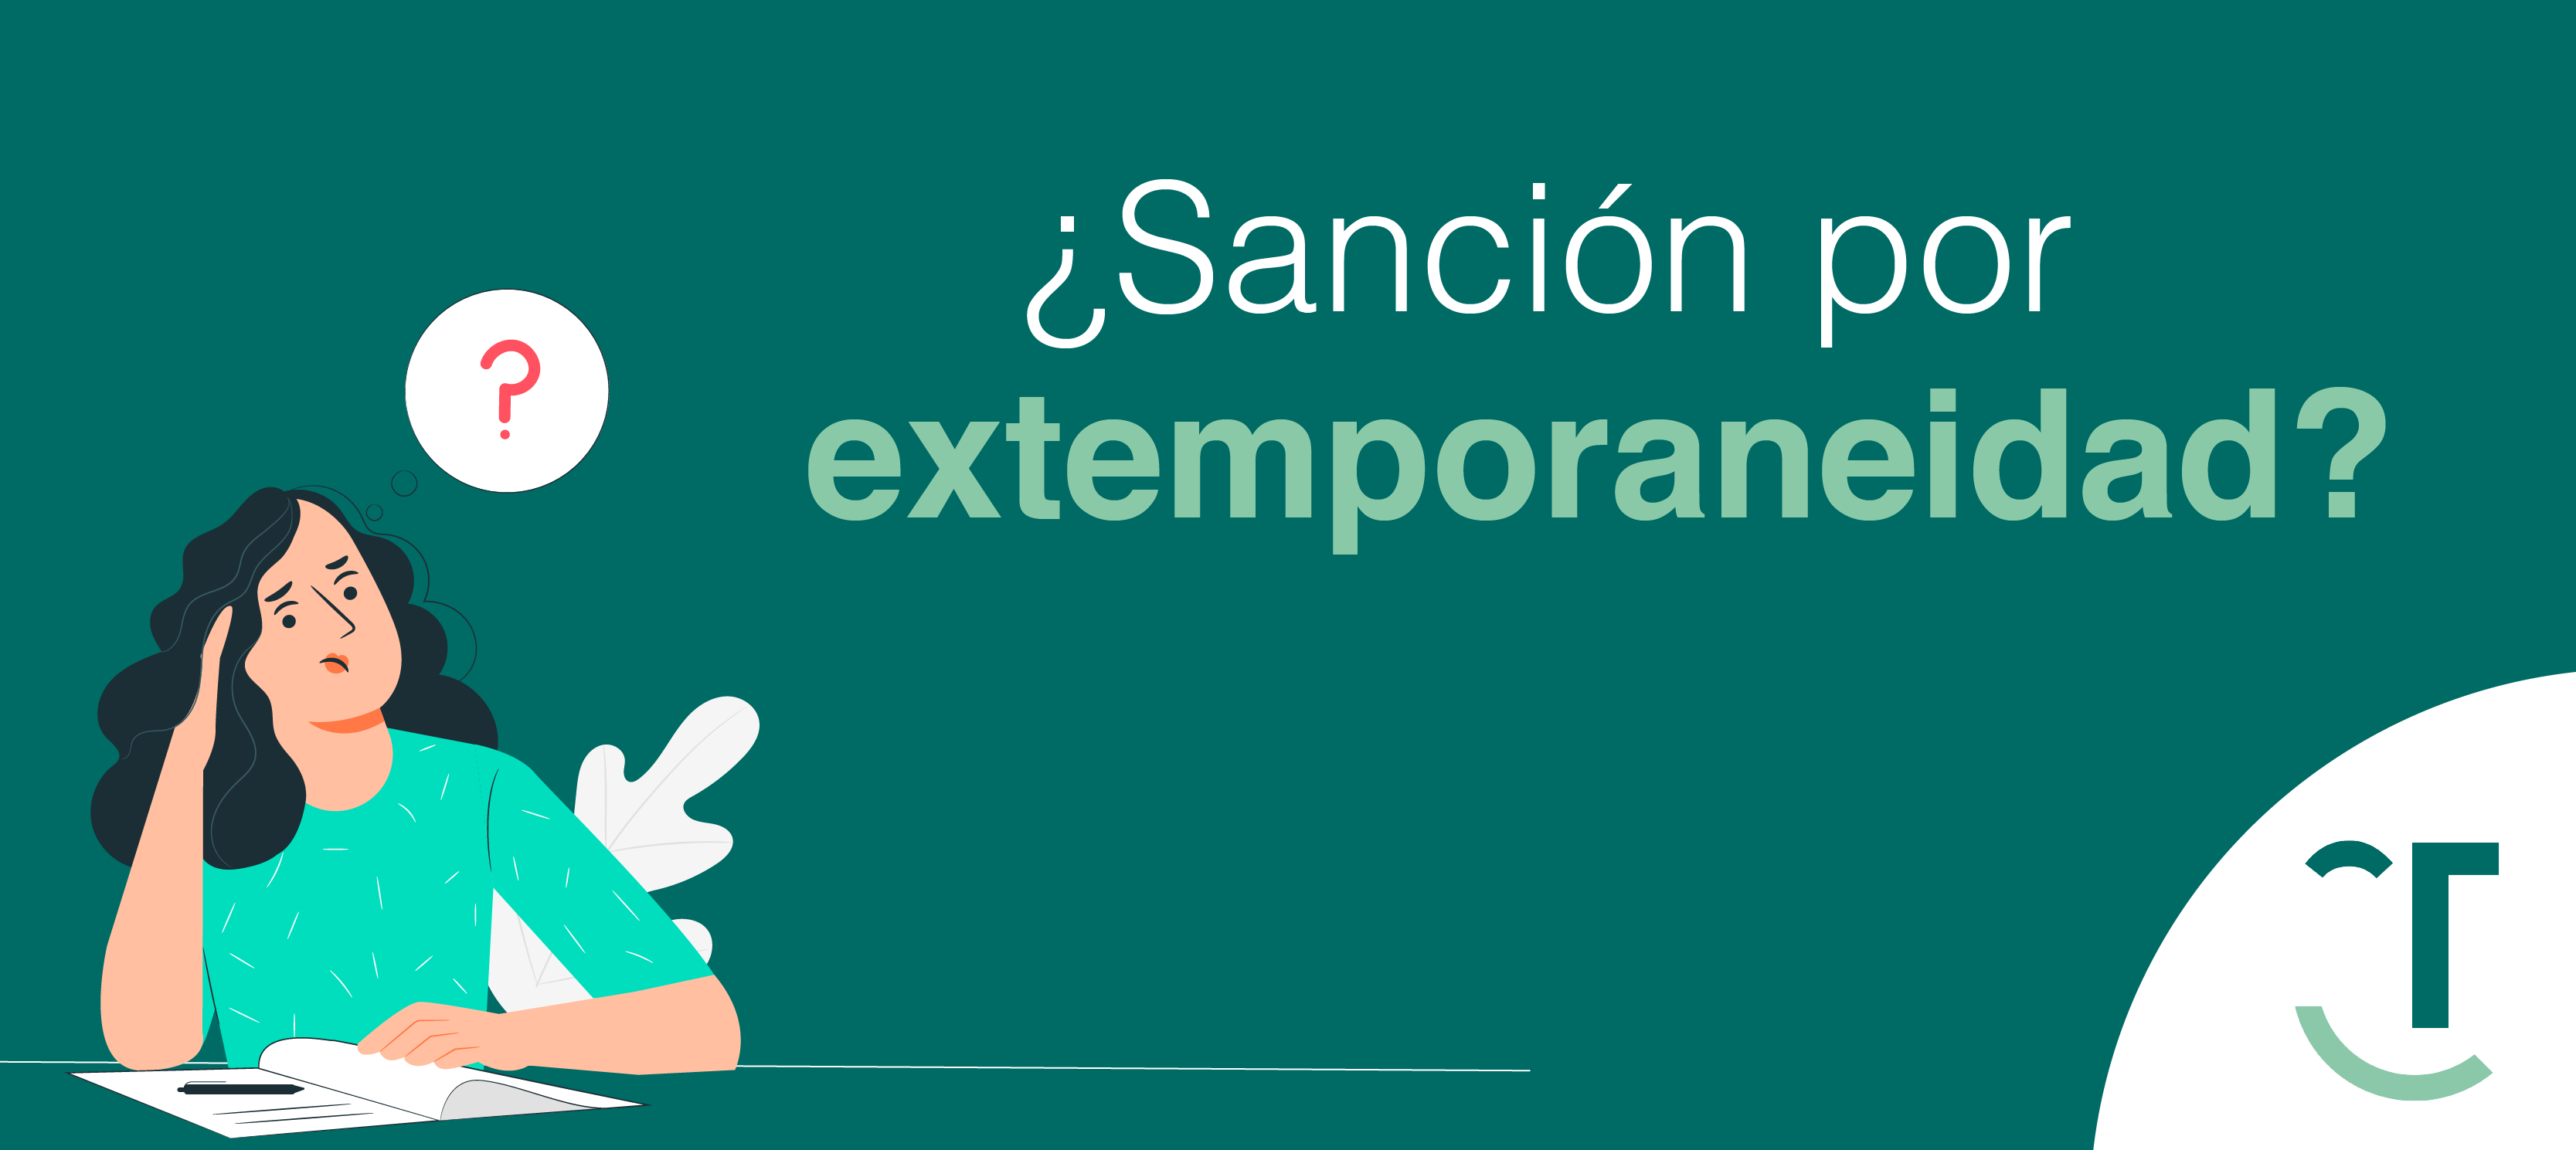 Sanción por extemporaneidad en declaración de renta en Colombia